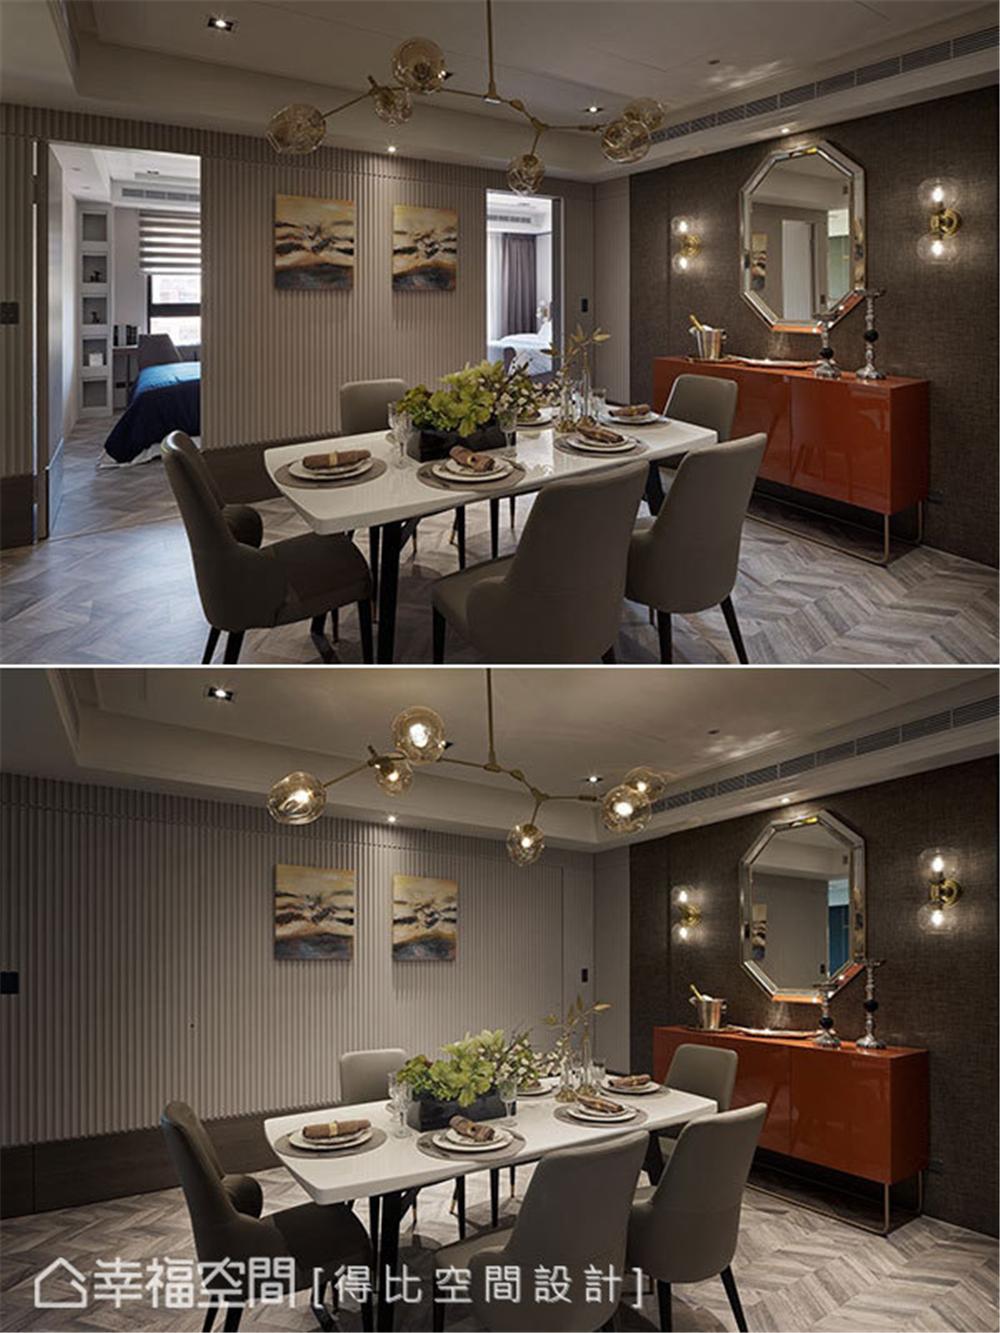 装修设计 装修完成 现代风格 餐厅图片来自幸福空间在126平,大器简约时尚宅的分享